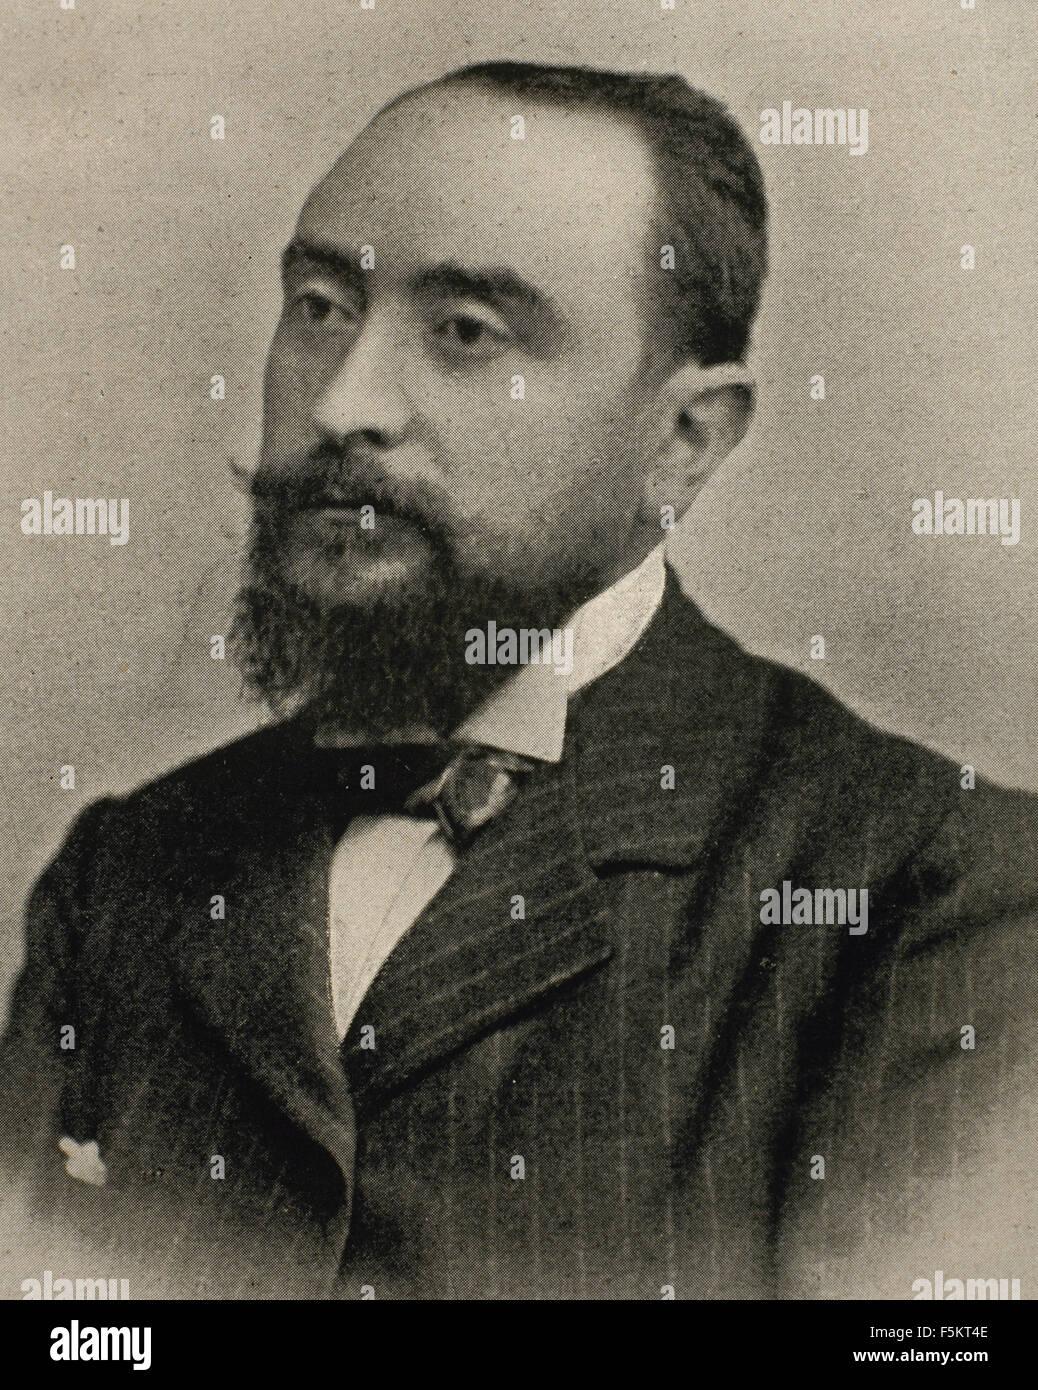 Bonaventura Bassegoda i Amigo (1862-1940). El arquitecto Español Catalán. Retrato. Imagen De Stock